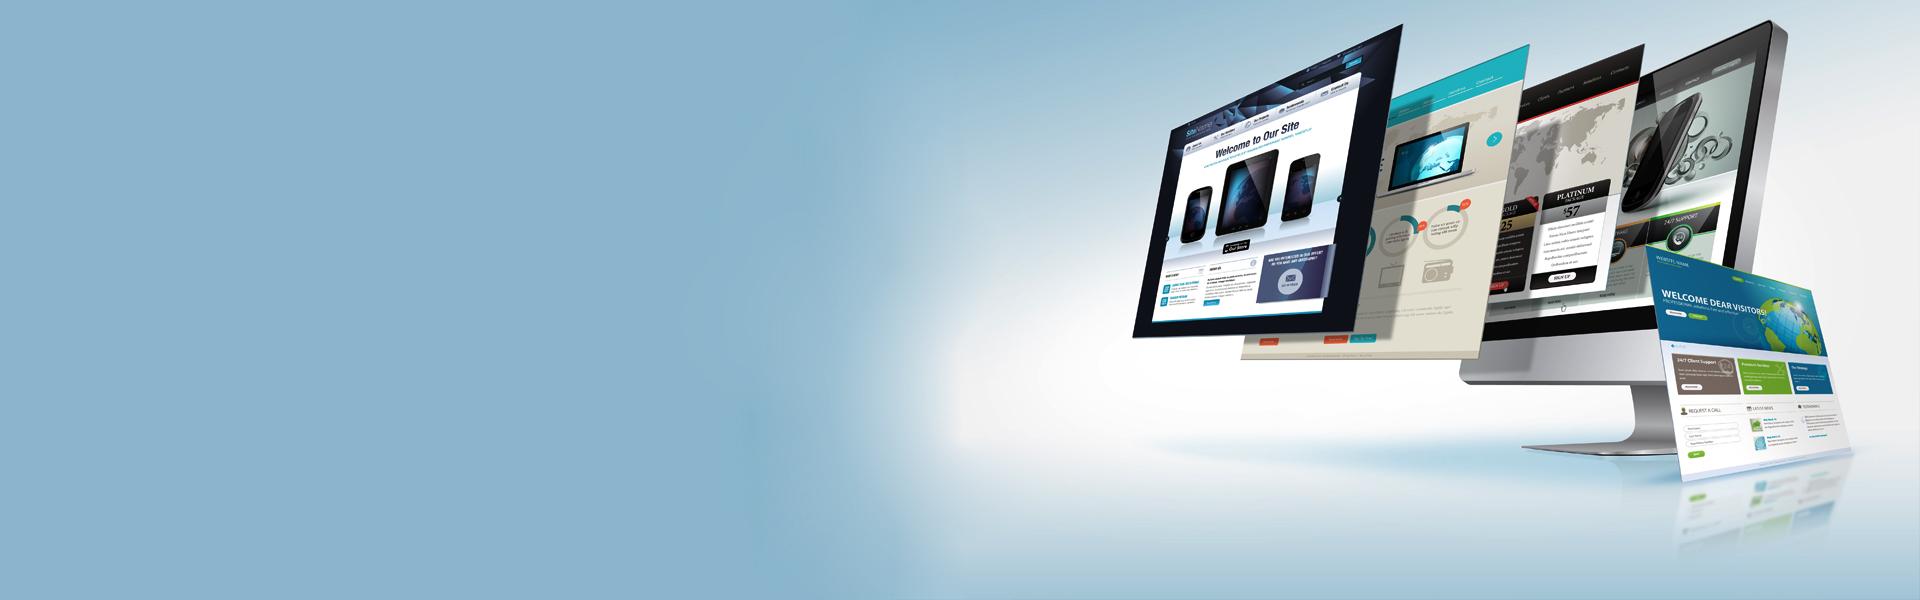 banner-design-site-vizitka